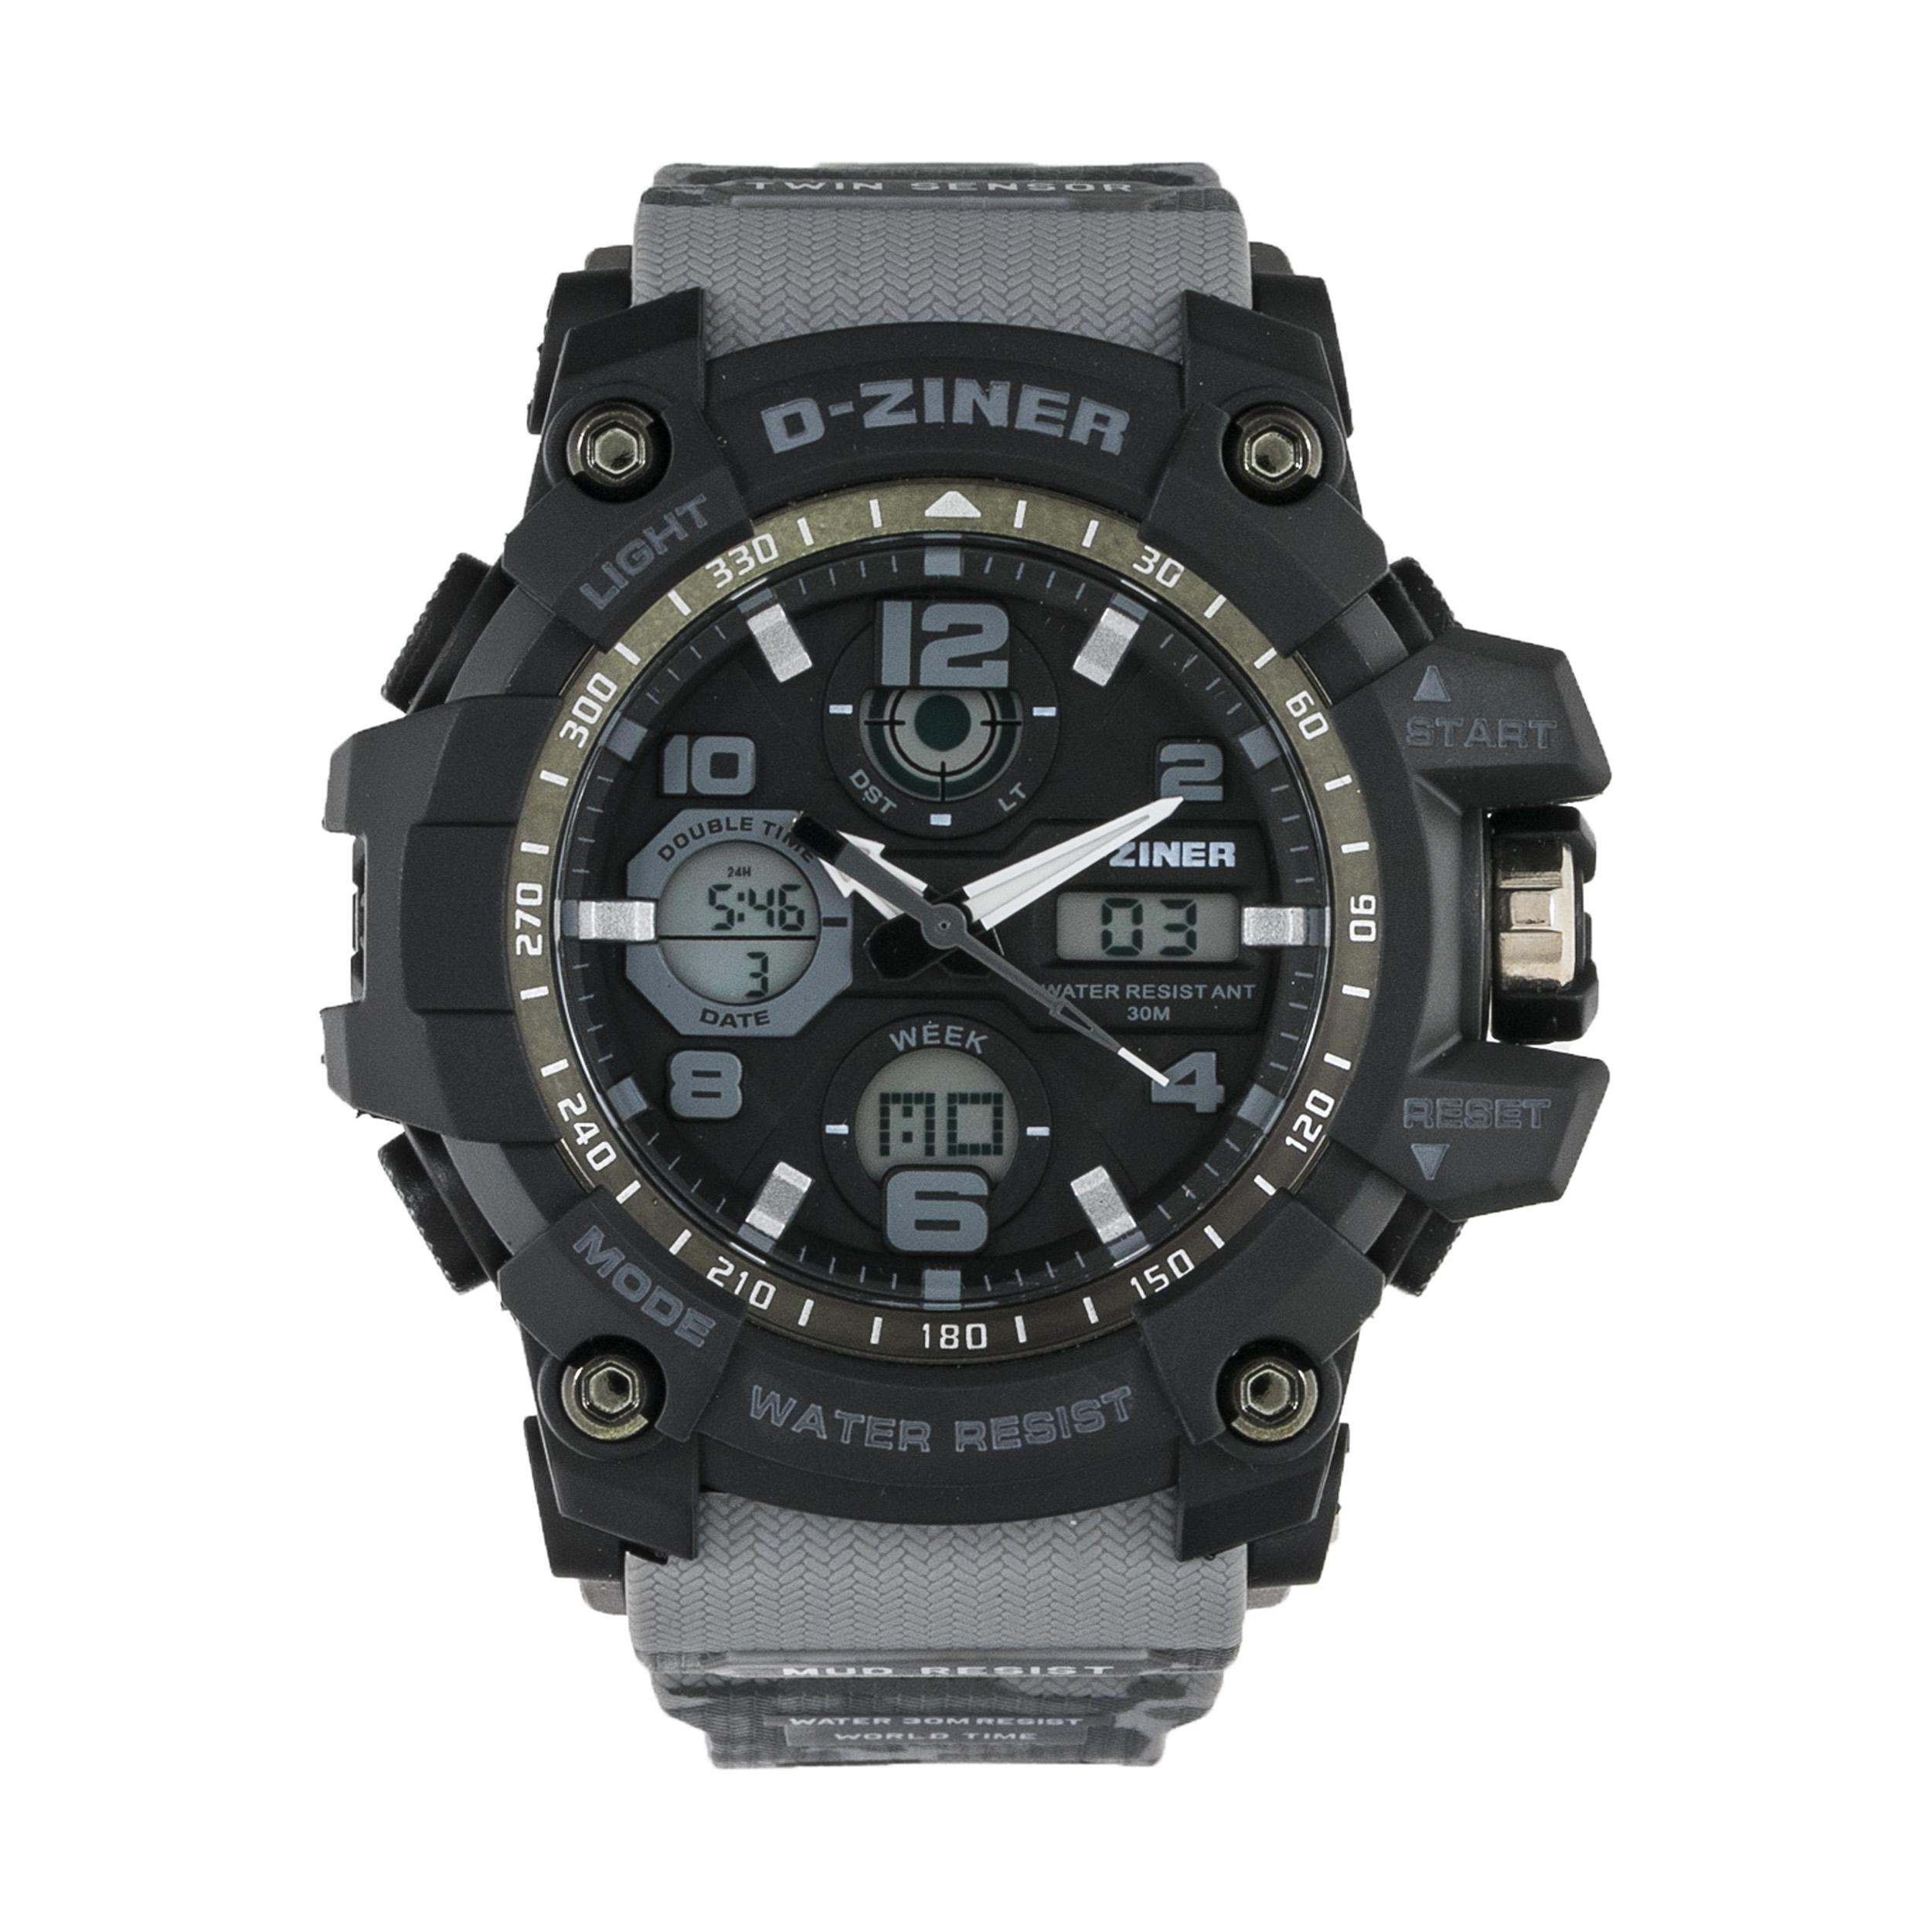 ساعت مچی عقربه ای مردانه دیزاینر مدل D-Z7007 41